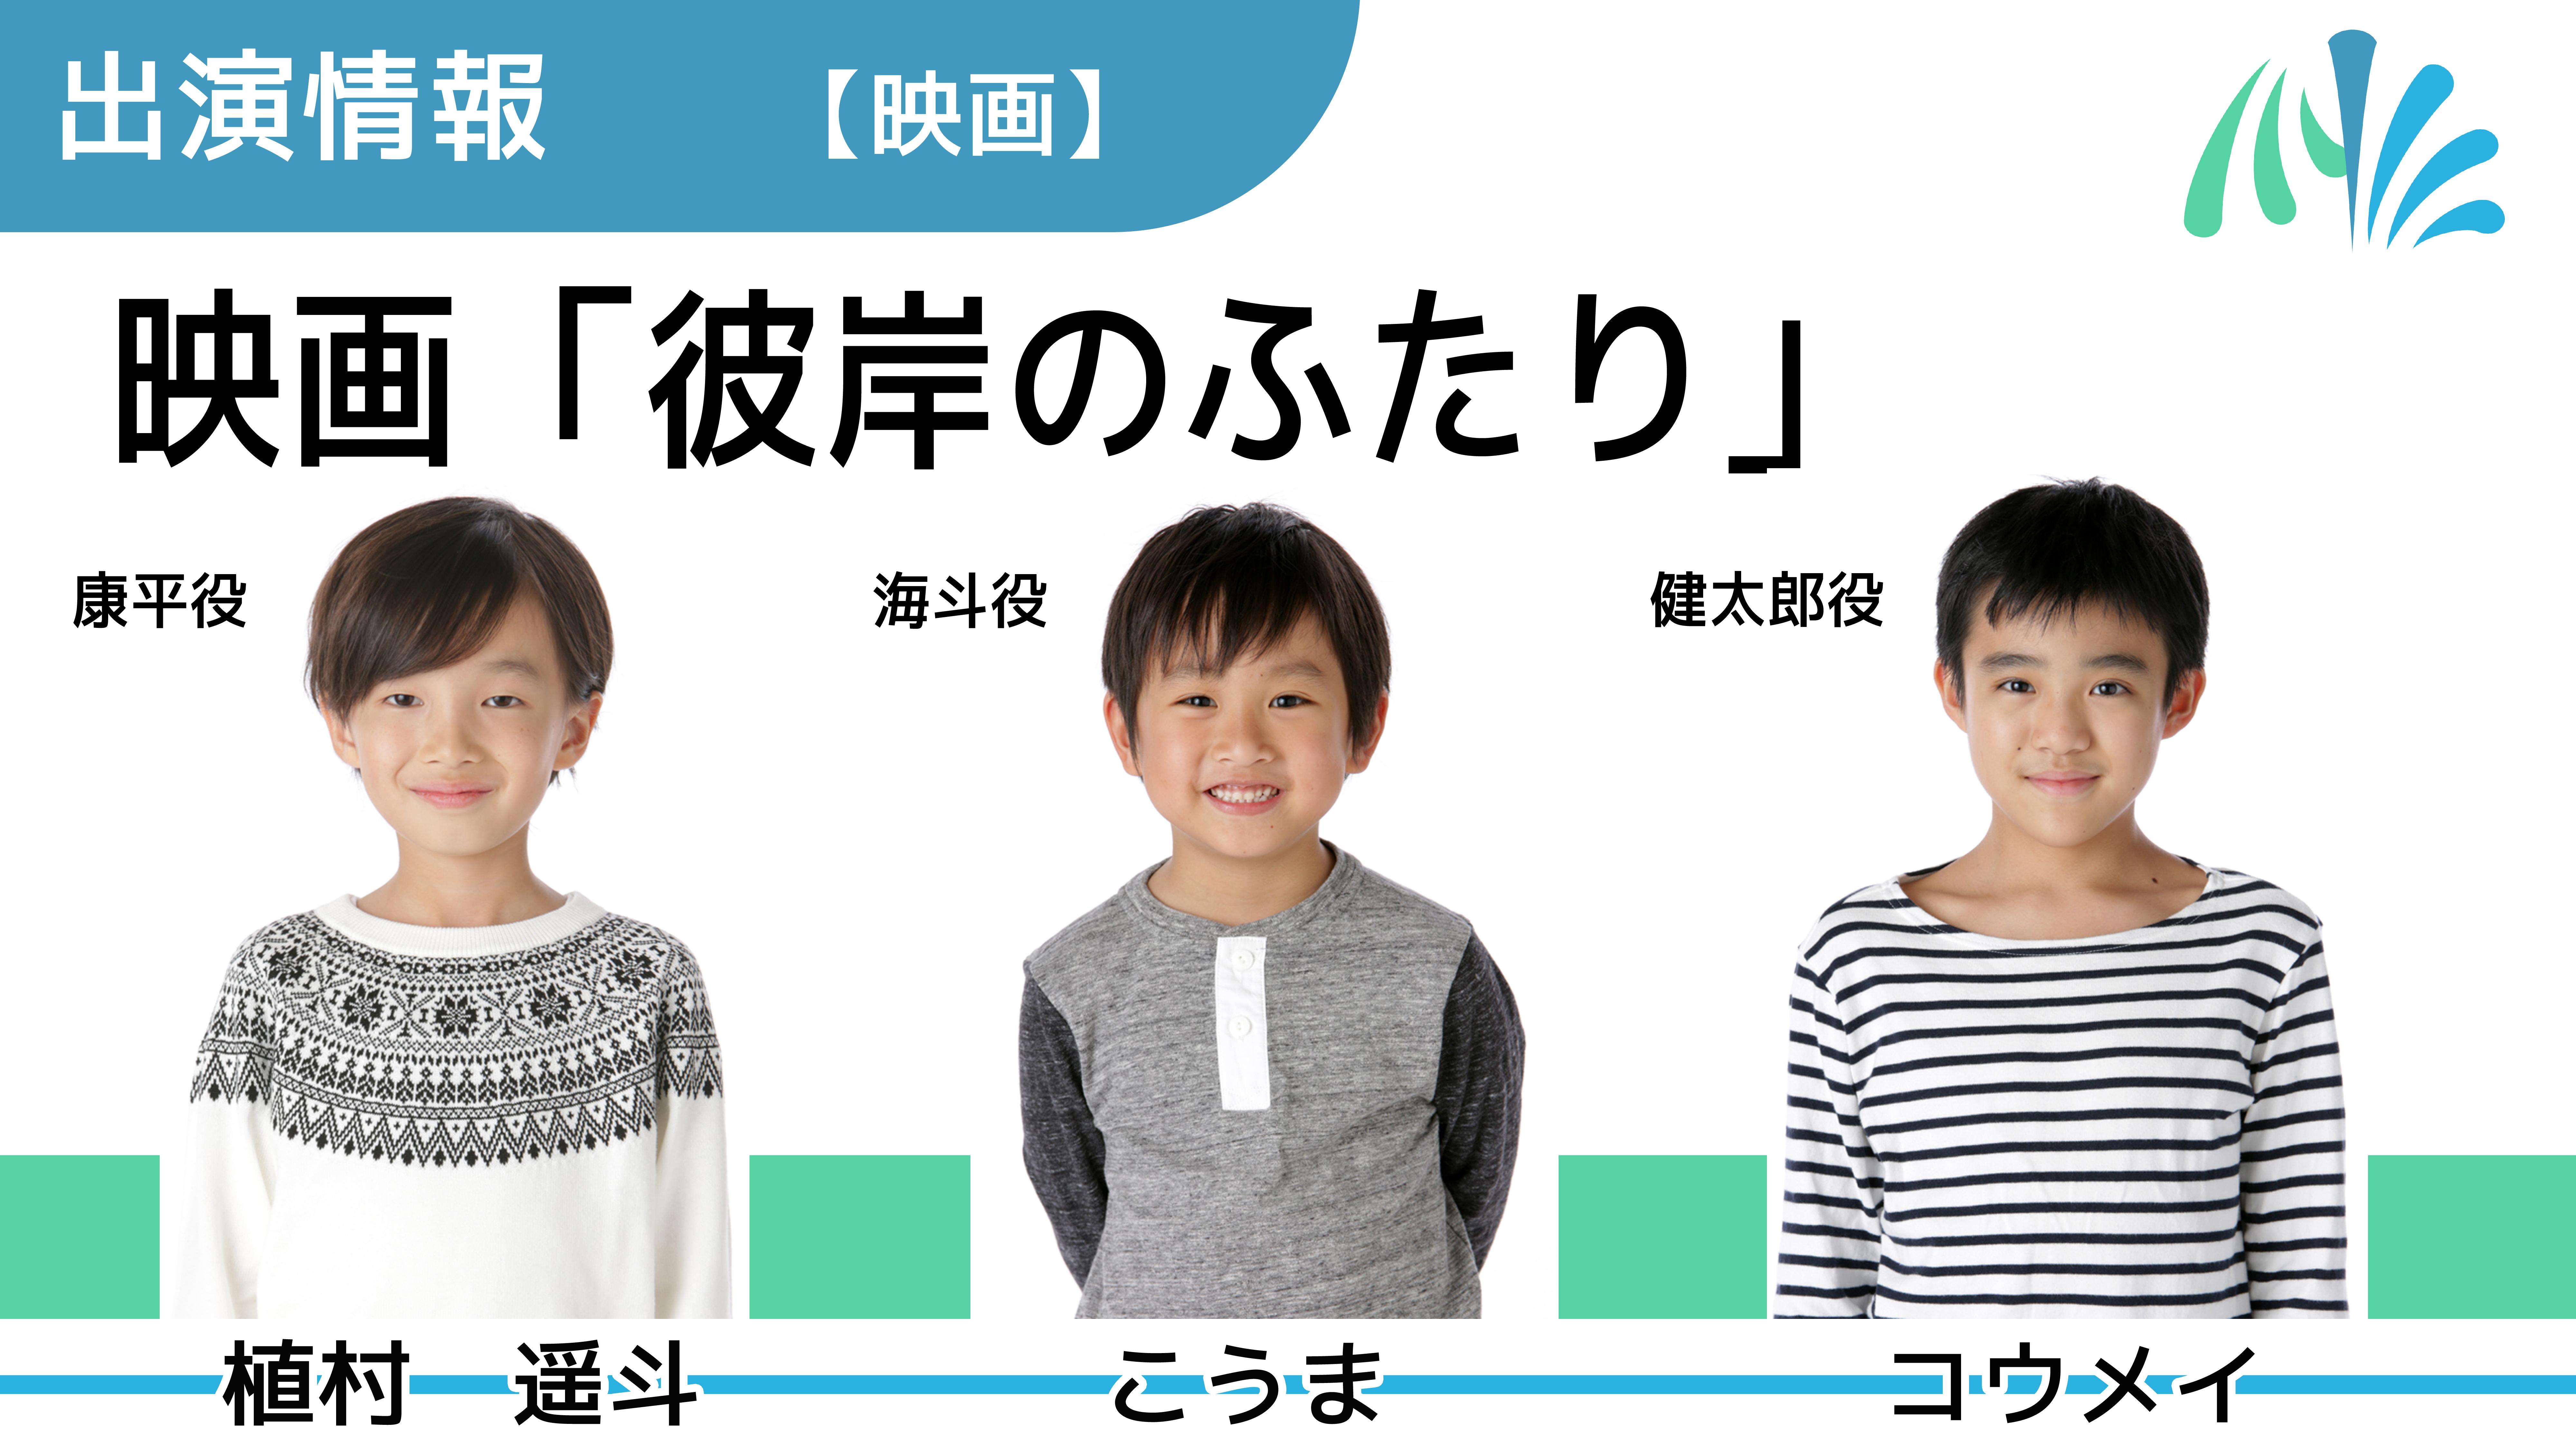 【出演情報】植村遥斗、こうま、コウメイ / 映画「彼岸のふたり」出演